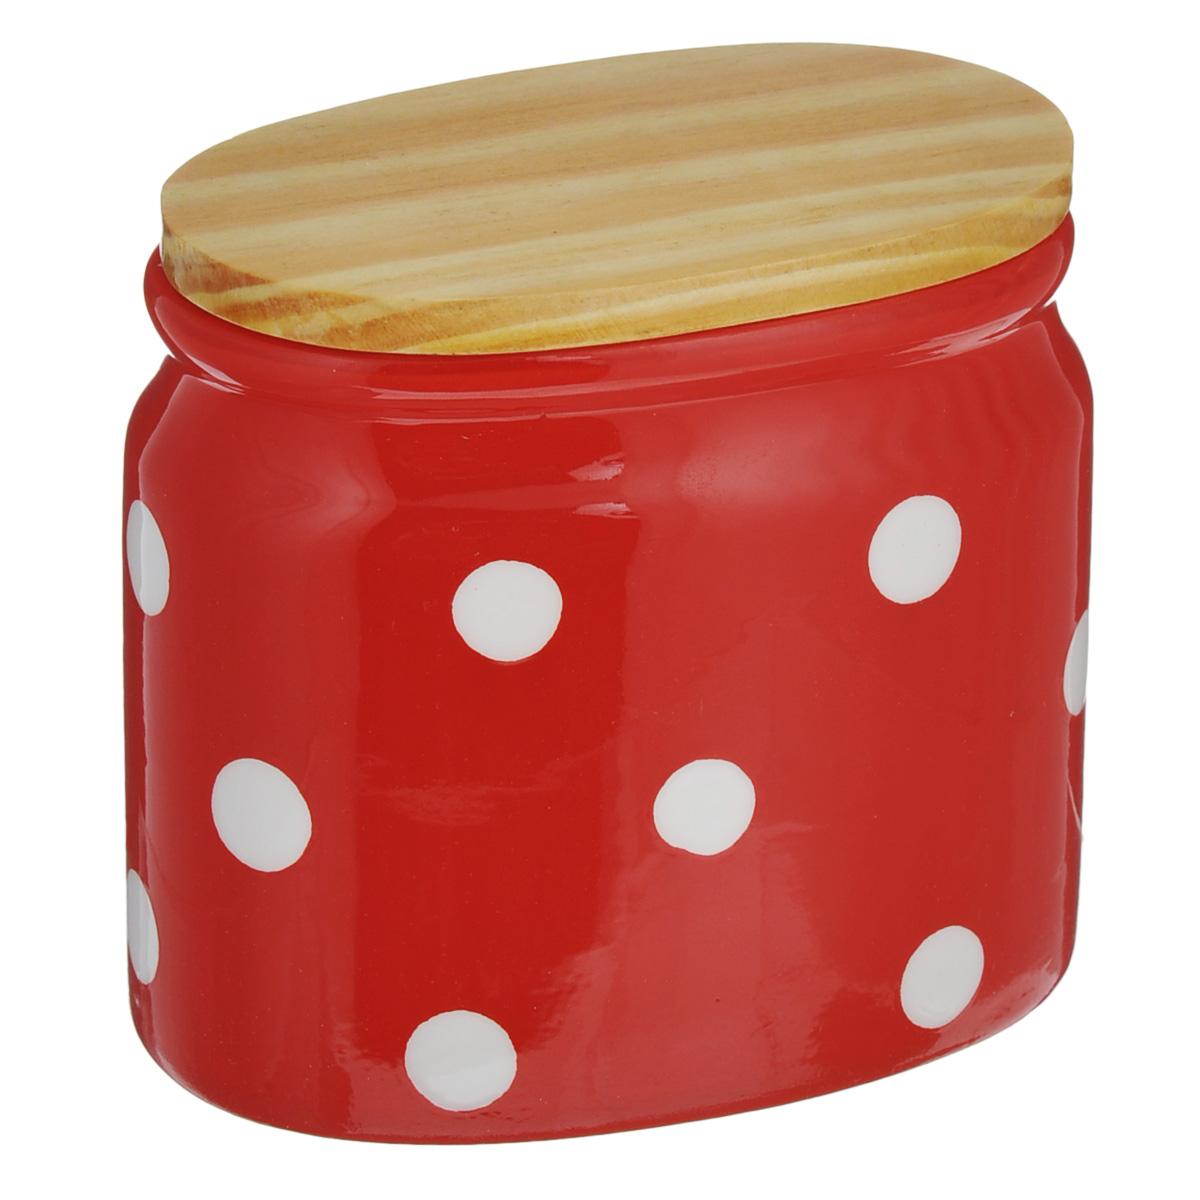 Банка для сыпучих продуктов Lillo, цвет: красный, 430 млDFC03840-02252 5/SБанка для сыпучих продуктов Lillo изготовлена из высококачественной керамики. Банка декорирована принтом в горох и оснащена деревянной крышкой. Изделие предназначено для хранения различных сыпучих продуктов: круп, чая, сахара, орехов и многого другого. Функциональная и вместительная, такая банка станет незаменимым аксессуаром на любой кухне. Можно мыть в посудомоечной машине. Деревянную крышку рекомендуется мыть вручную. Объем: 430 мл.Размер банки (по верхнему краю): 11 см х 6,5 см.Высота банки (без учета крышки): 10 см.